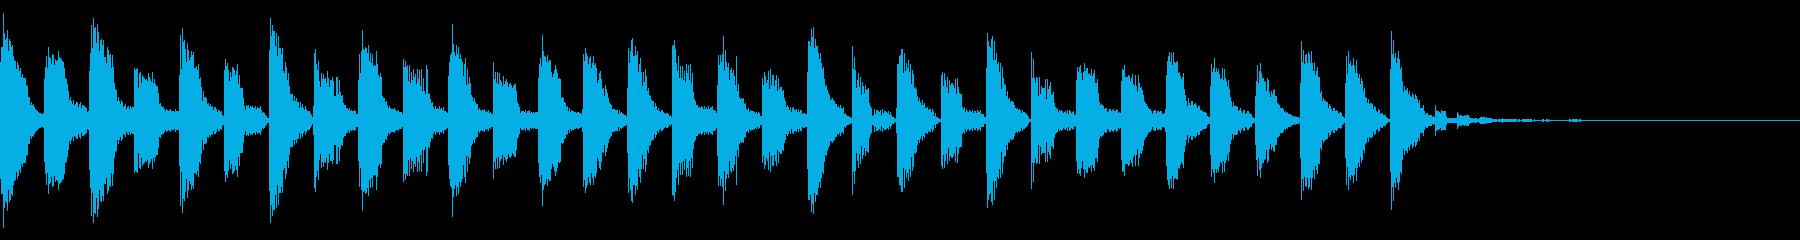 EDM風のジングル(暗め)の再生済みの波形